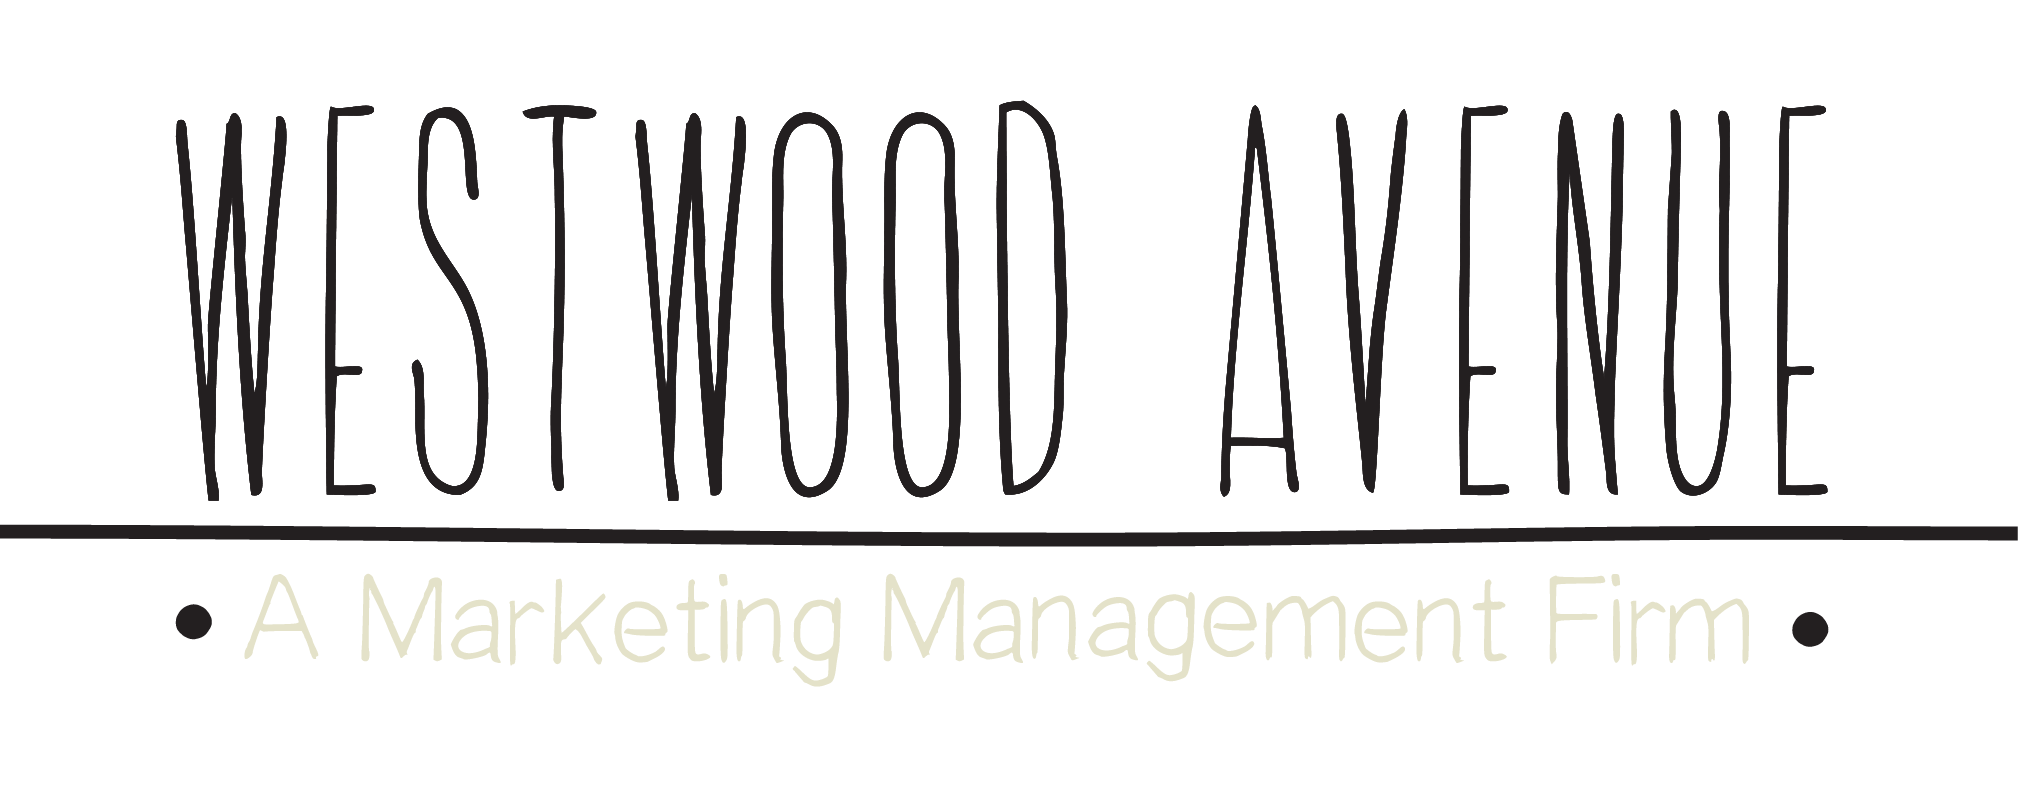 A Marketing Management Firm